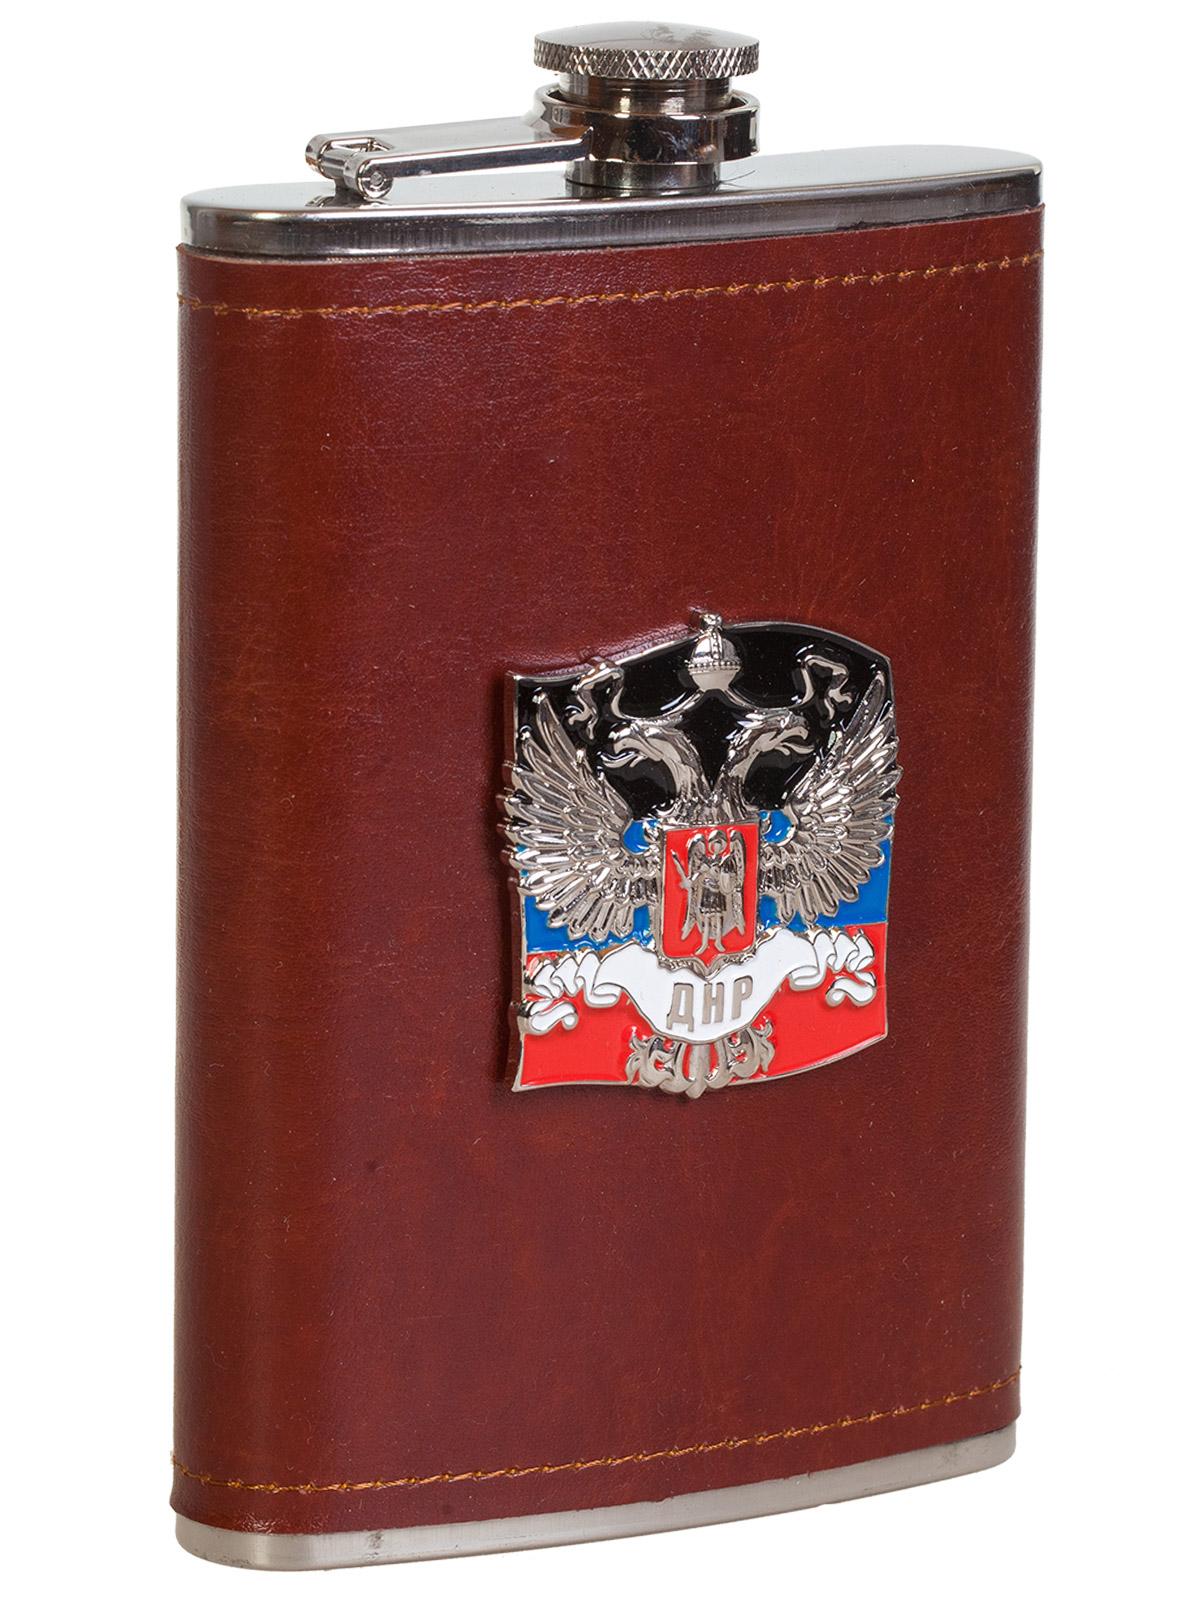 Купить плоскую нержавеющую фляжку в чехле с накладкой ДНР онлайн с доставкой